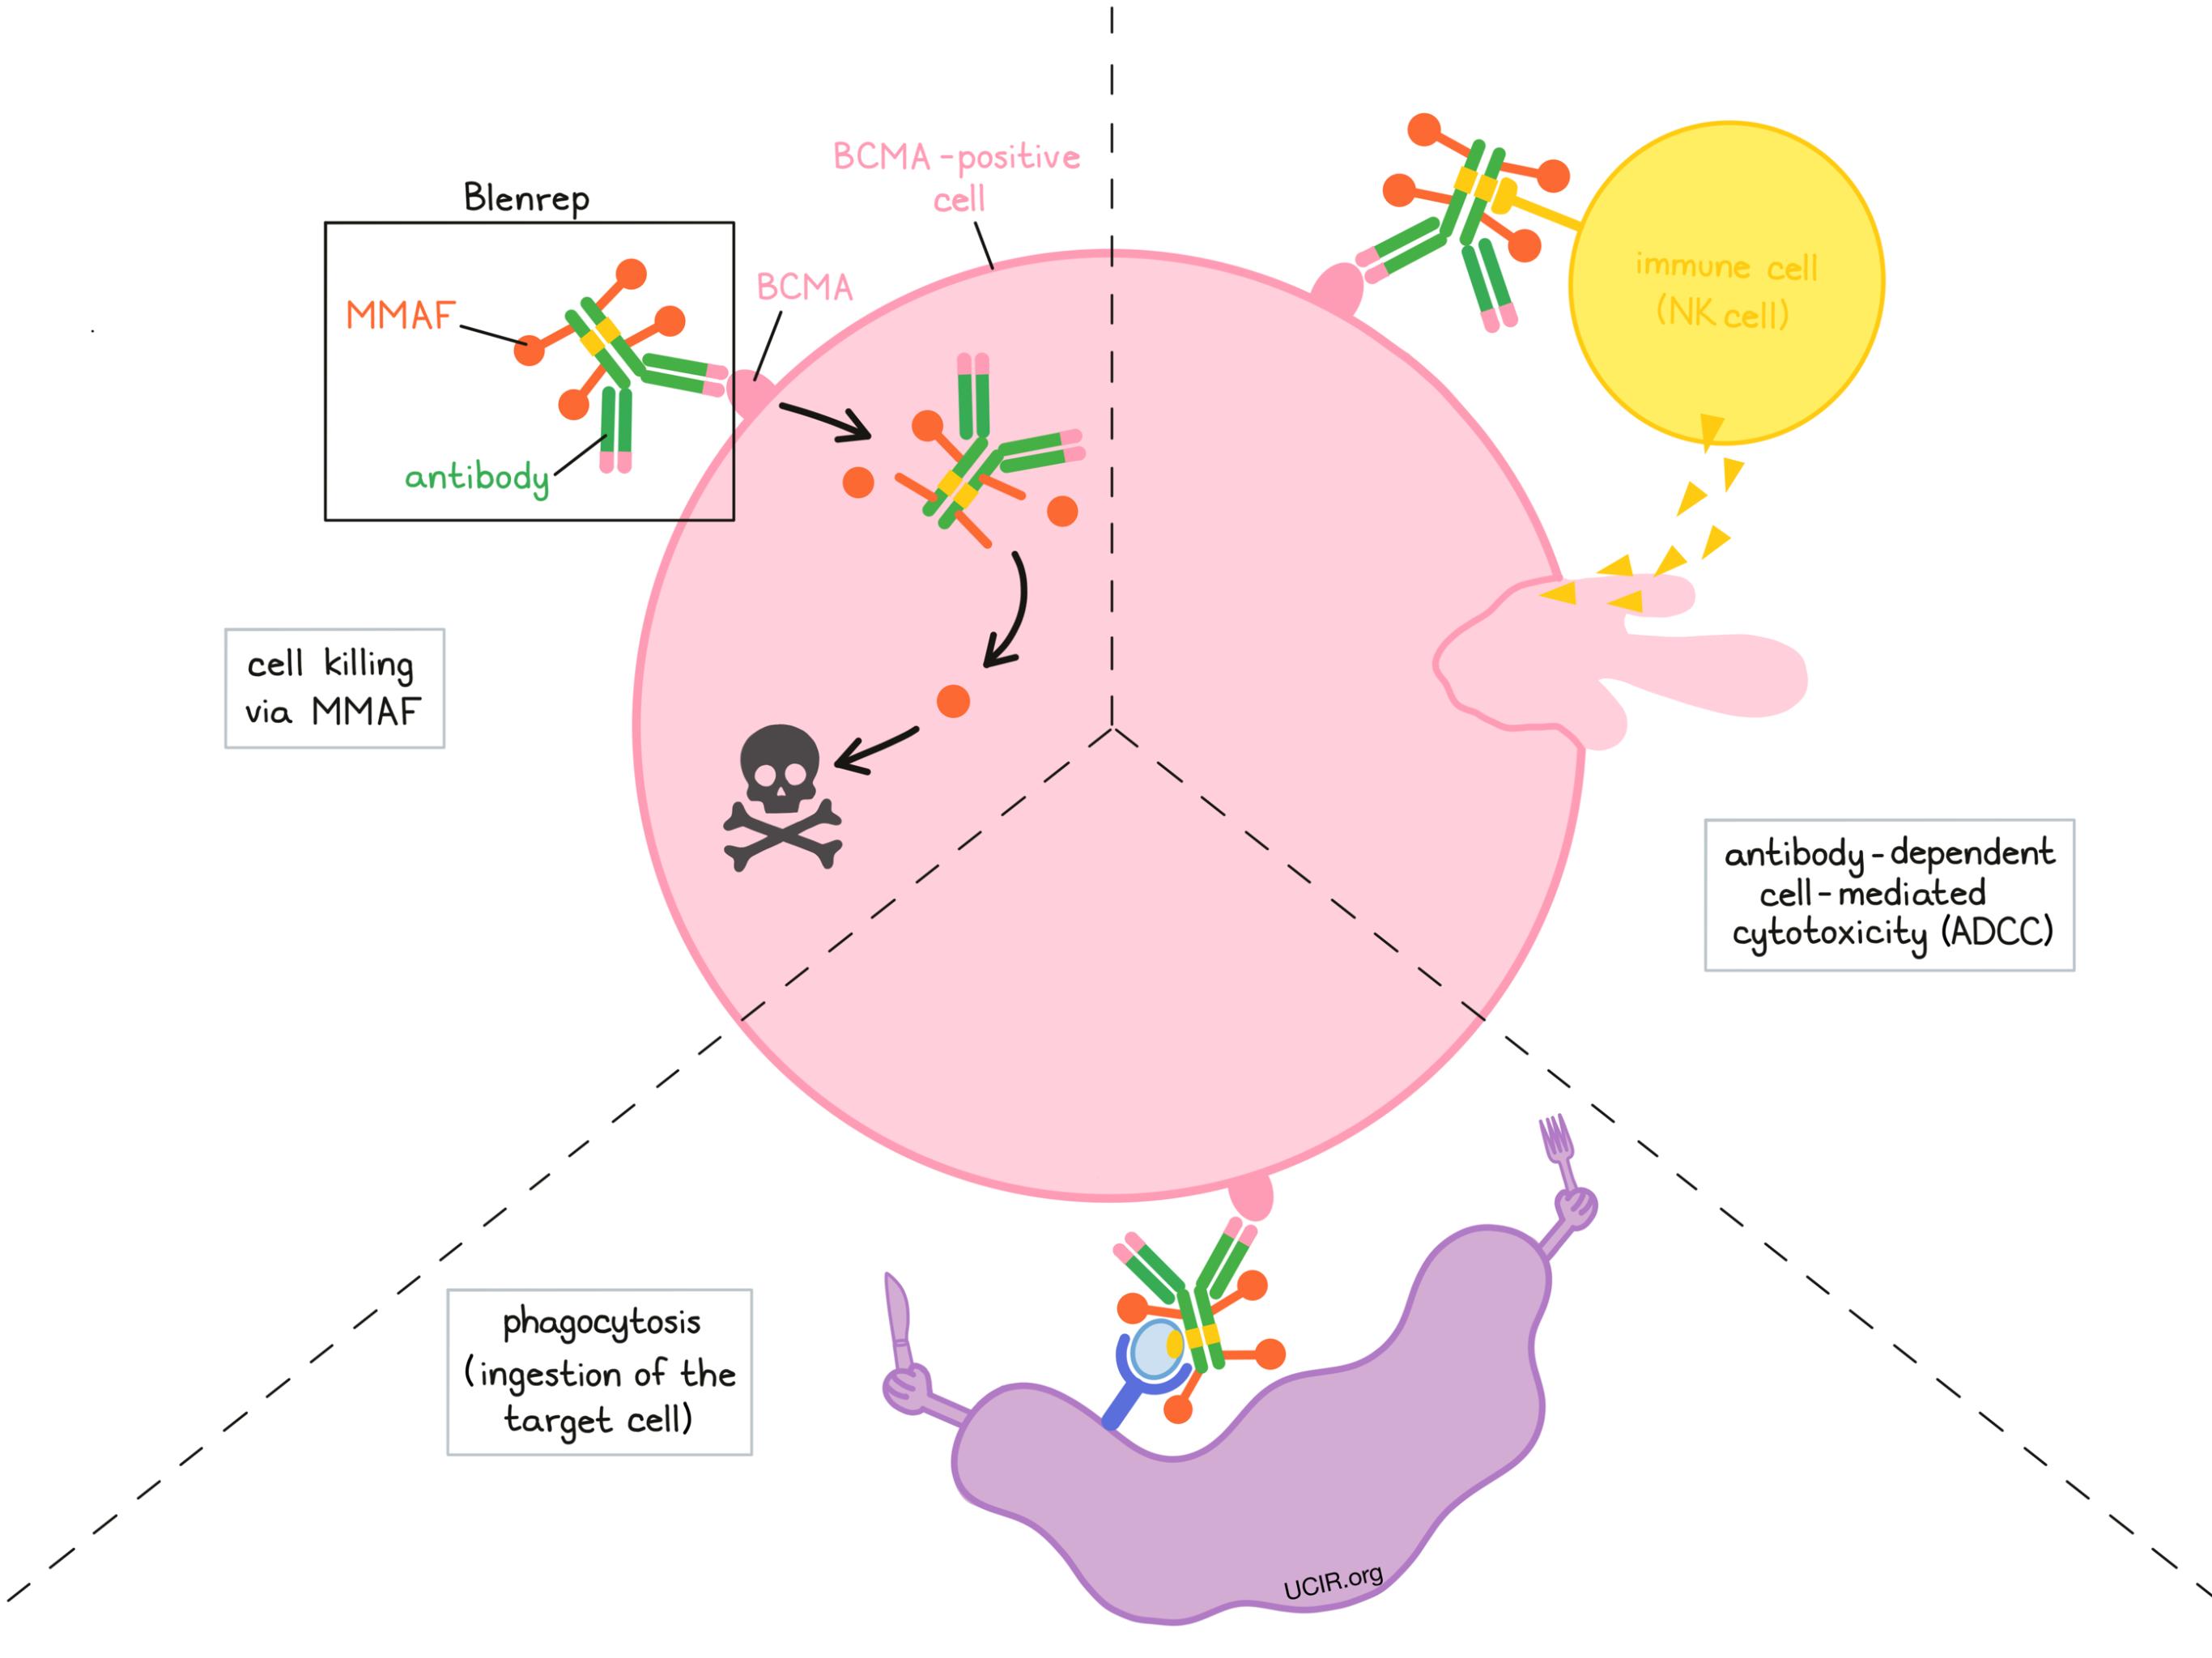 Illustration showing how Blenrep works